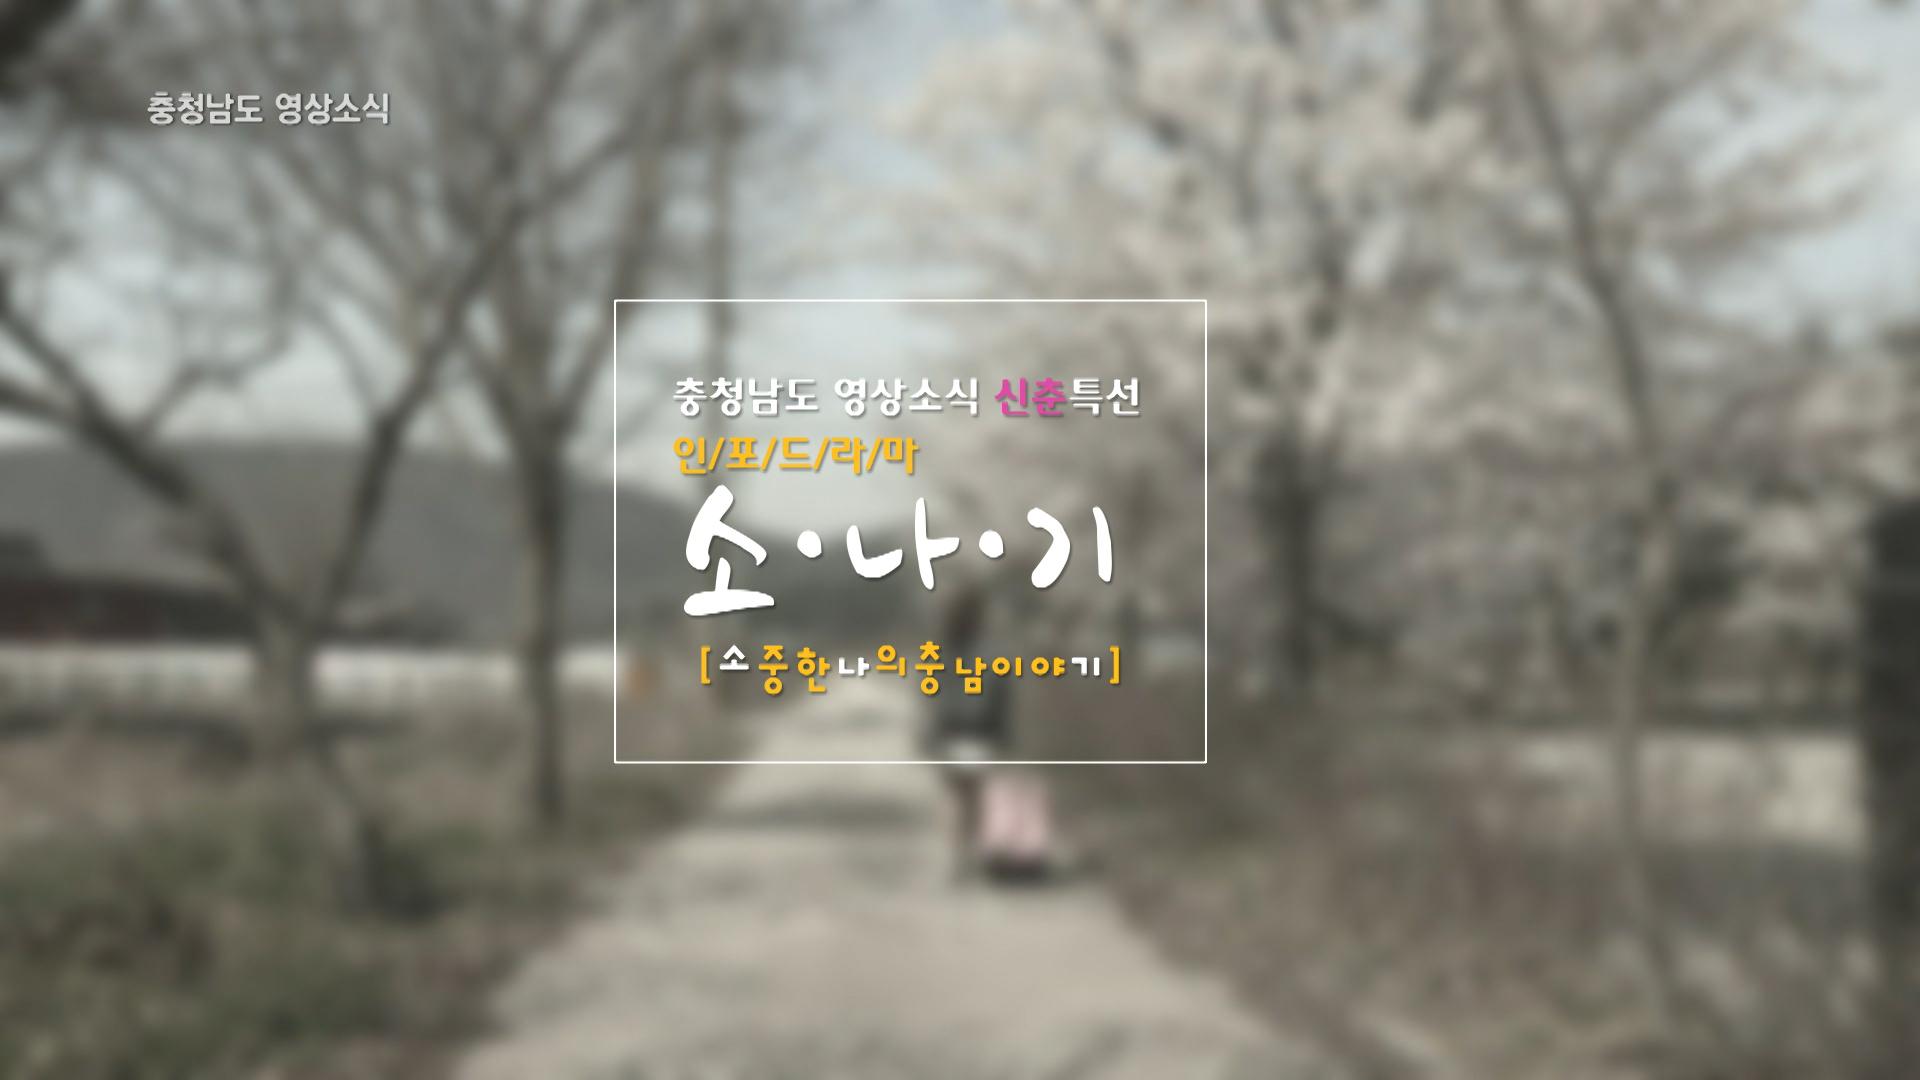 [종합]충청남도 영상소식 14회